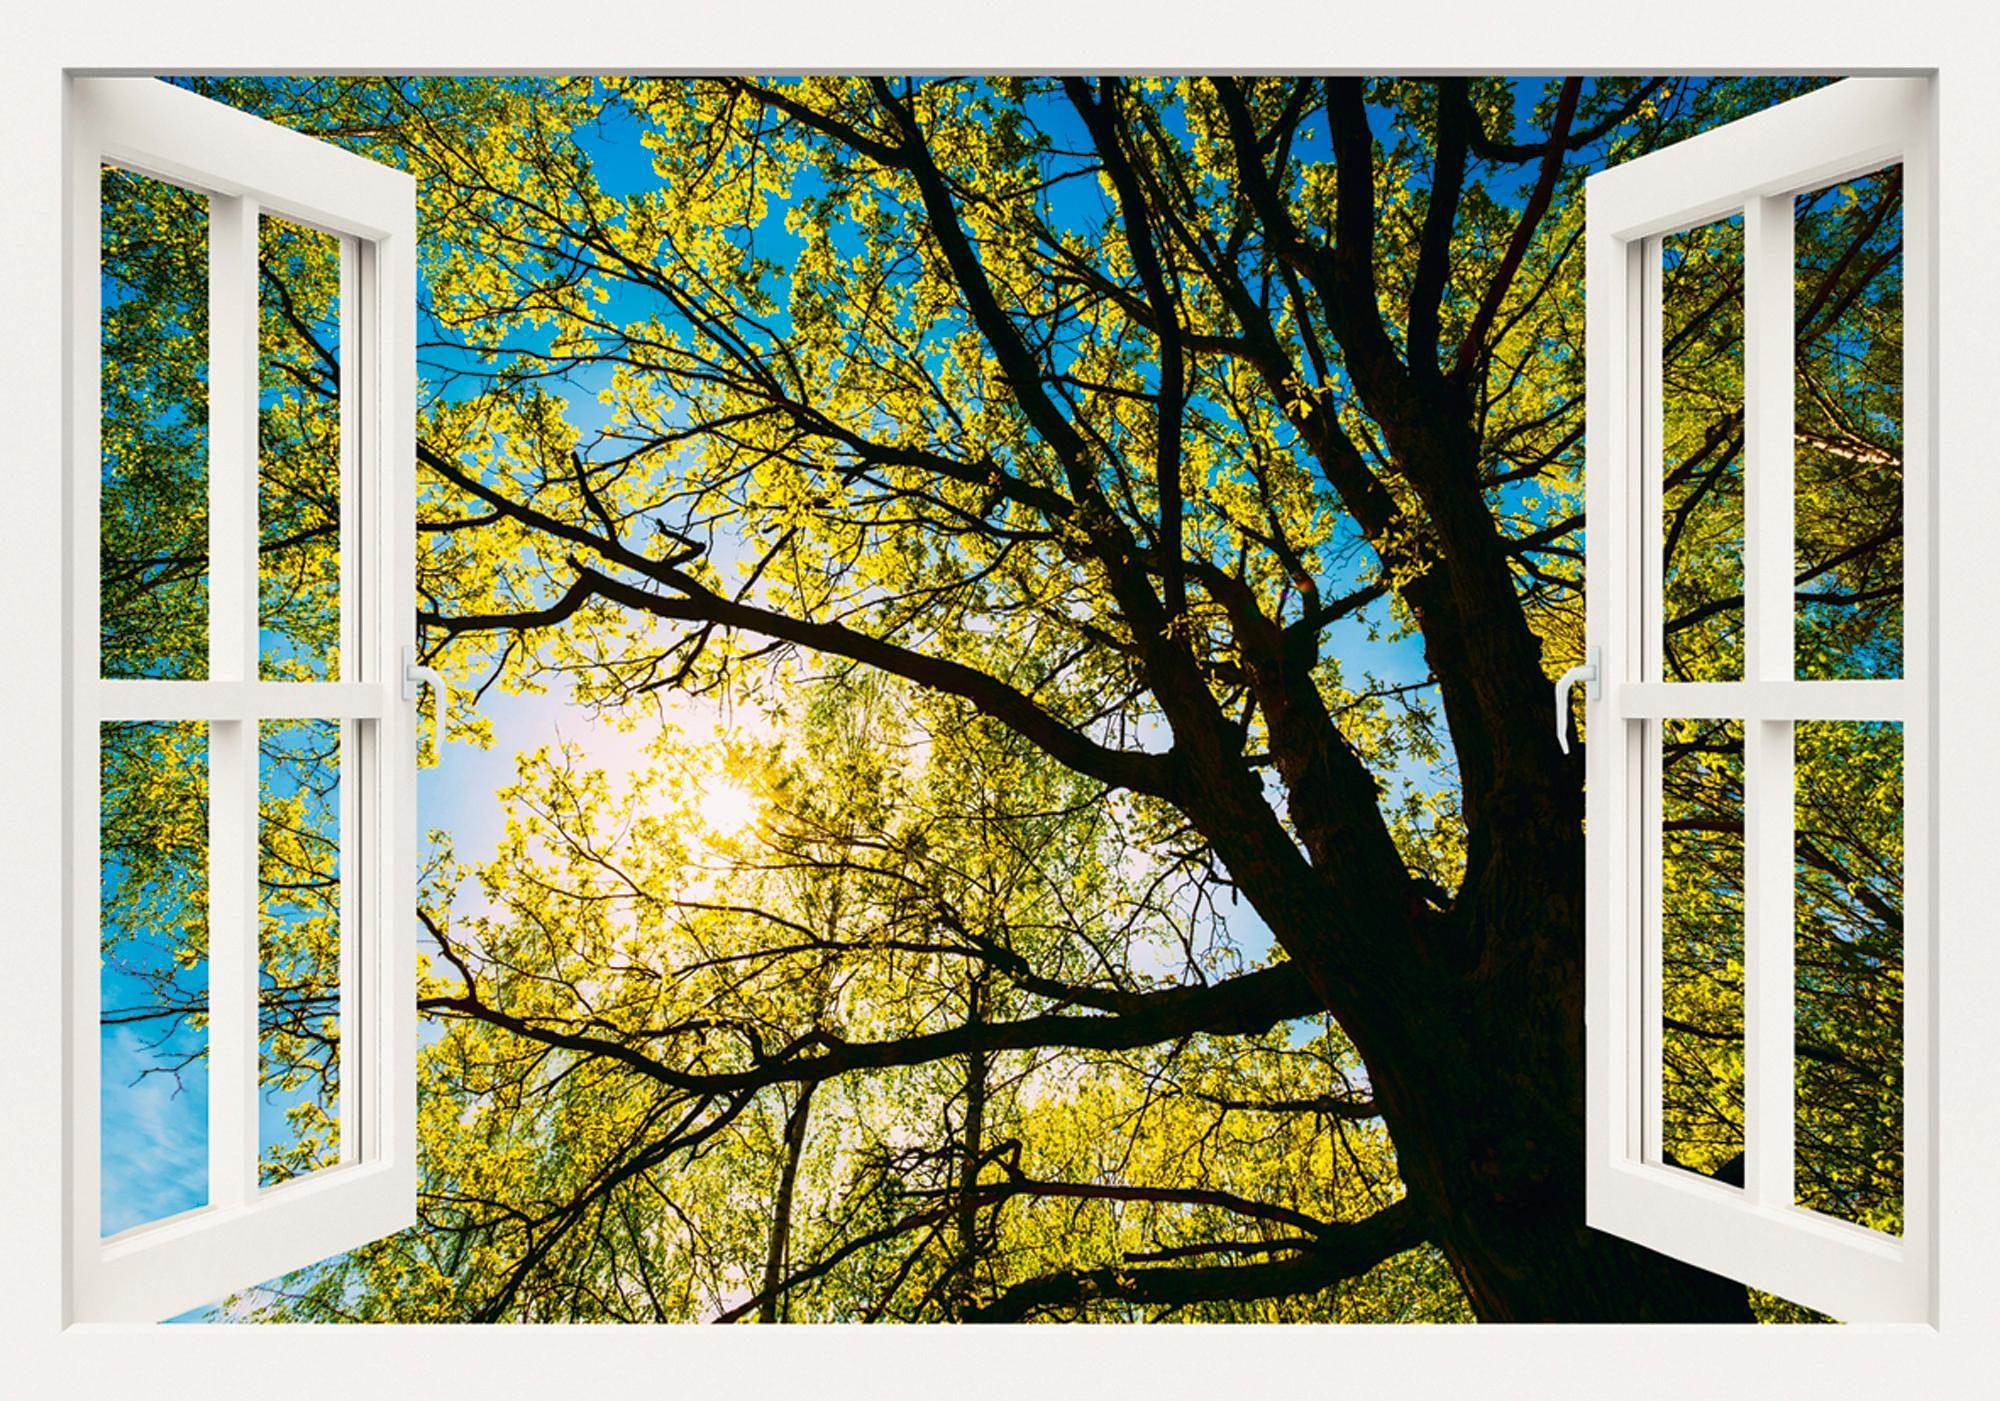 Home affaire Leinwandbild »Grisna Bruev: Frühlingssonne, durch die Baumkrone einer Eiche«, 100/70 cm